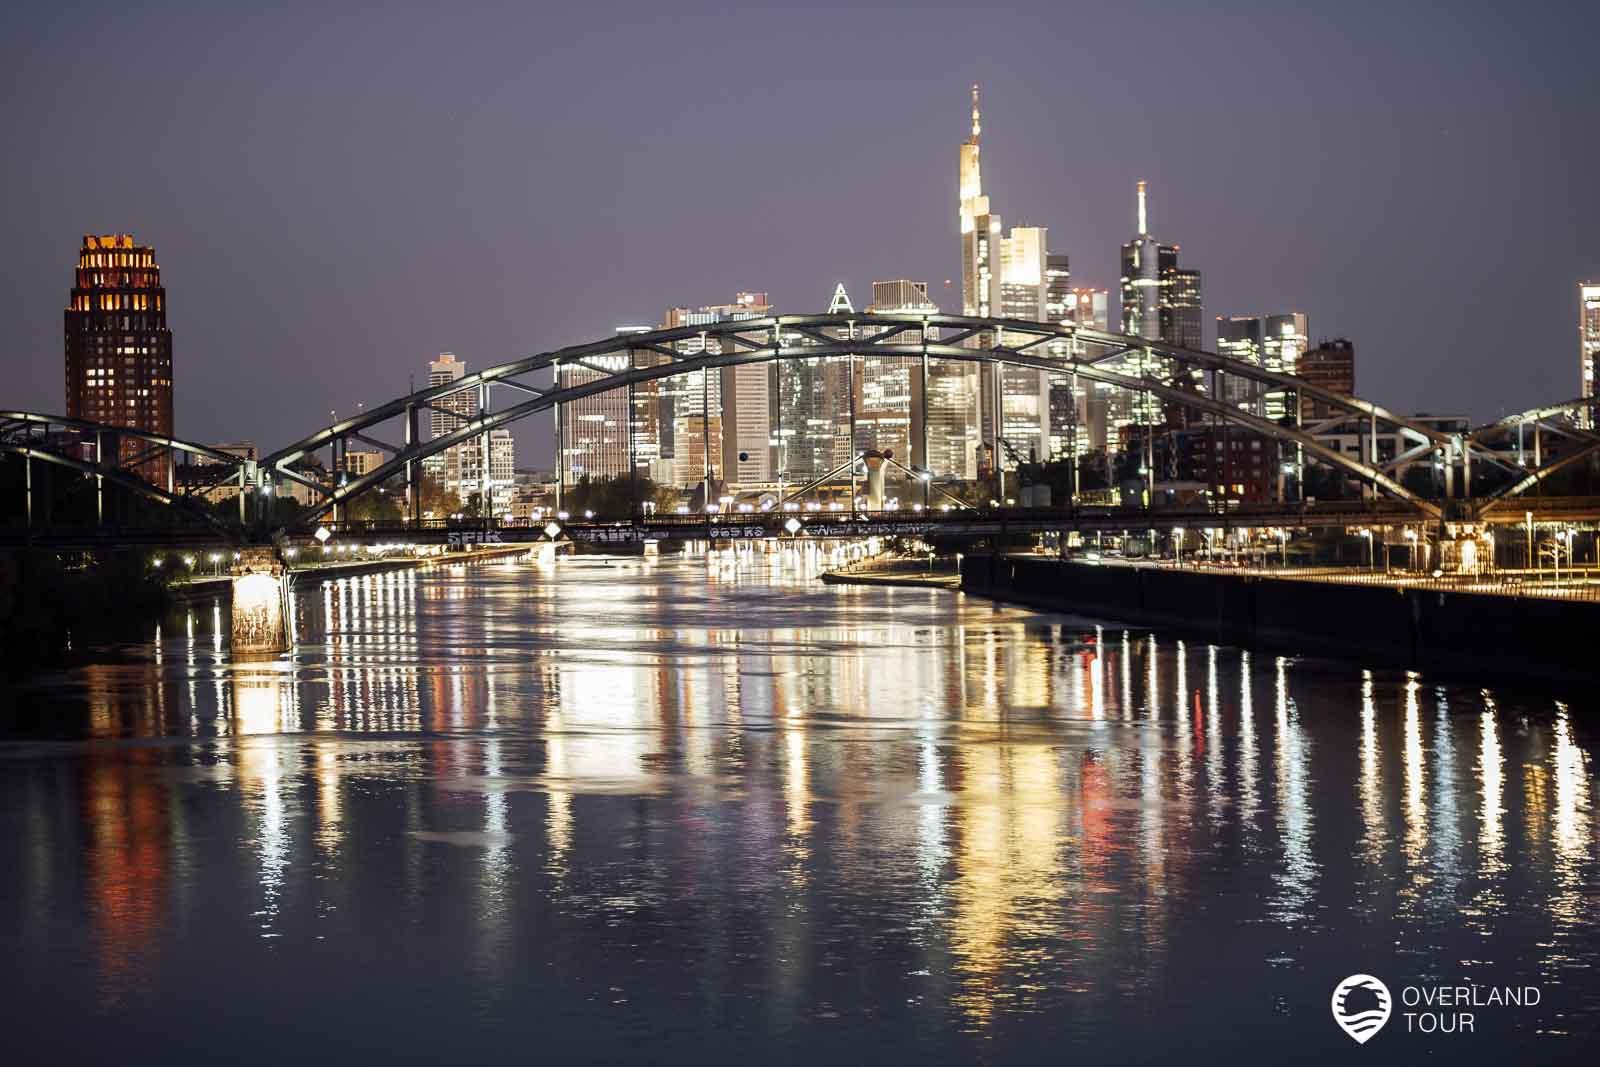 Kurz vor dem Sonnenaufgang die Skline Frankfurts von der Osthafenbrücke aus gesehen